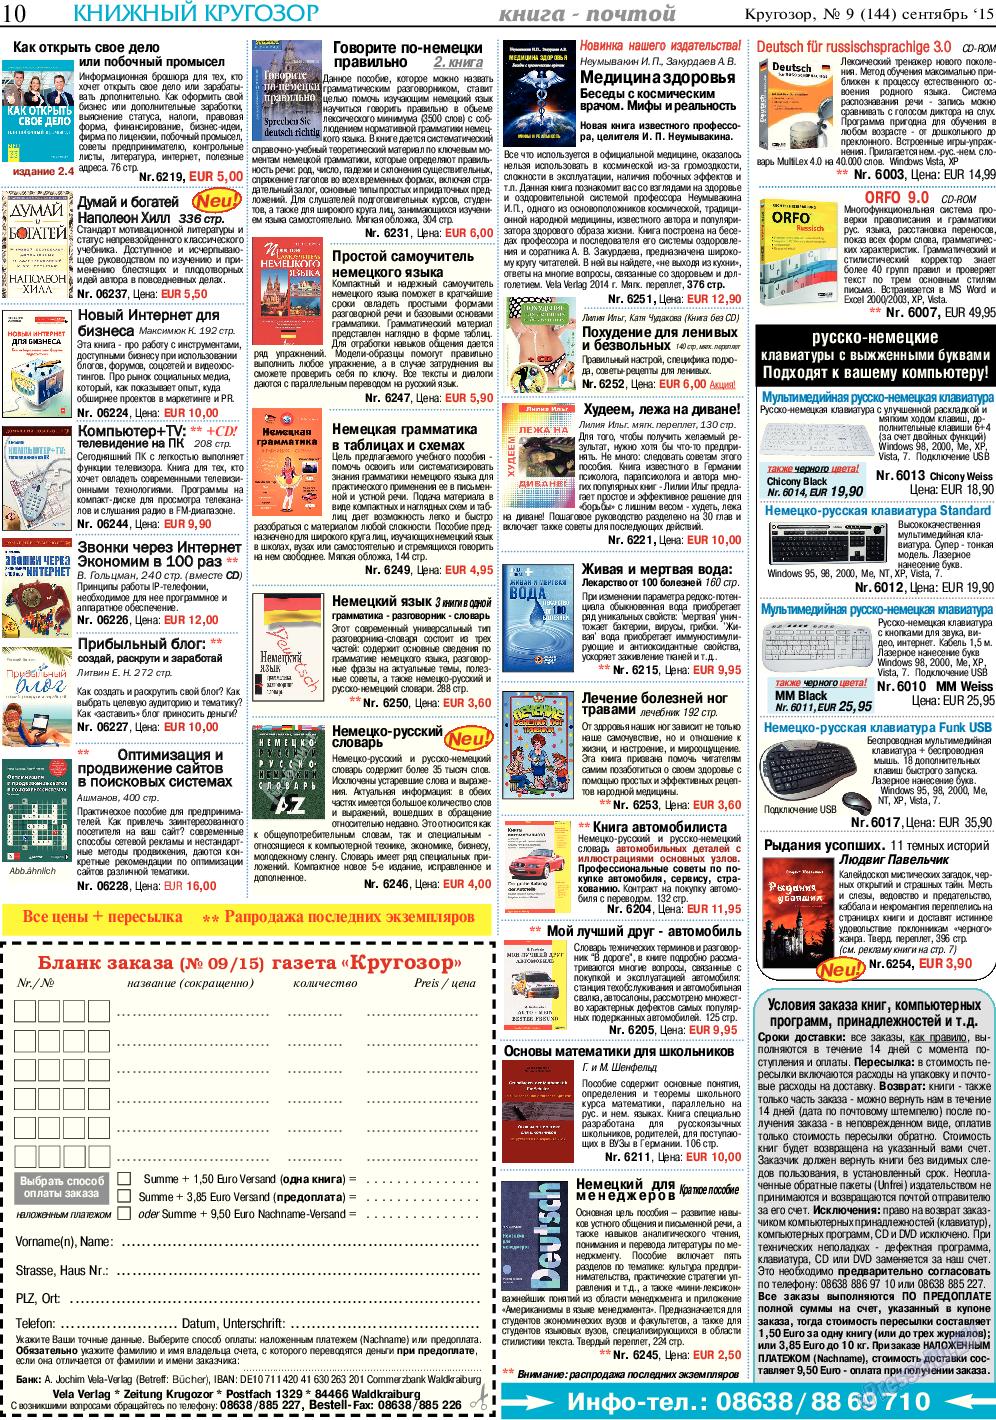 Кругозор (газета). 2015 год, номер 9, стр. 10